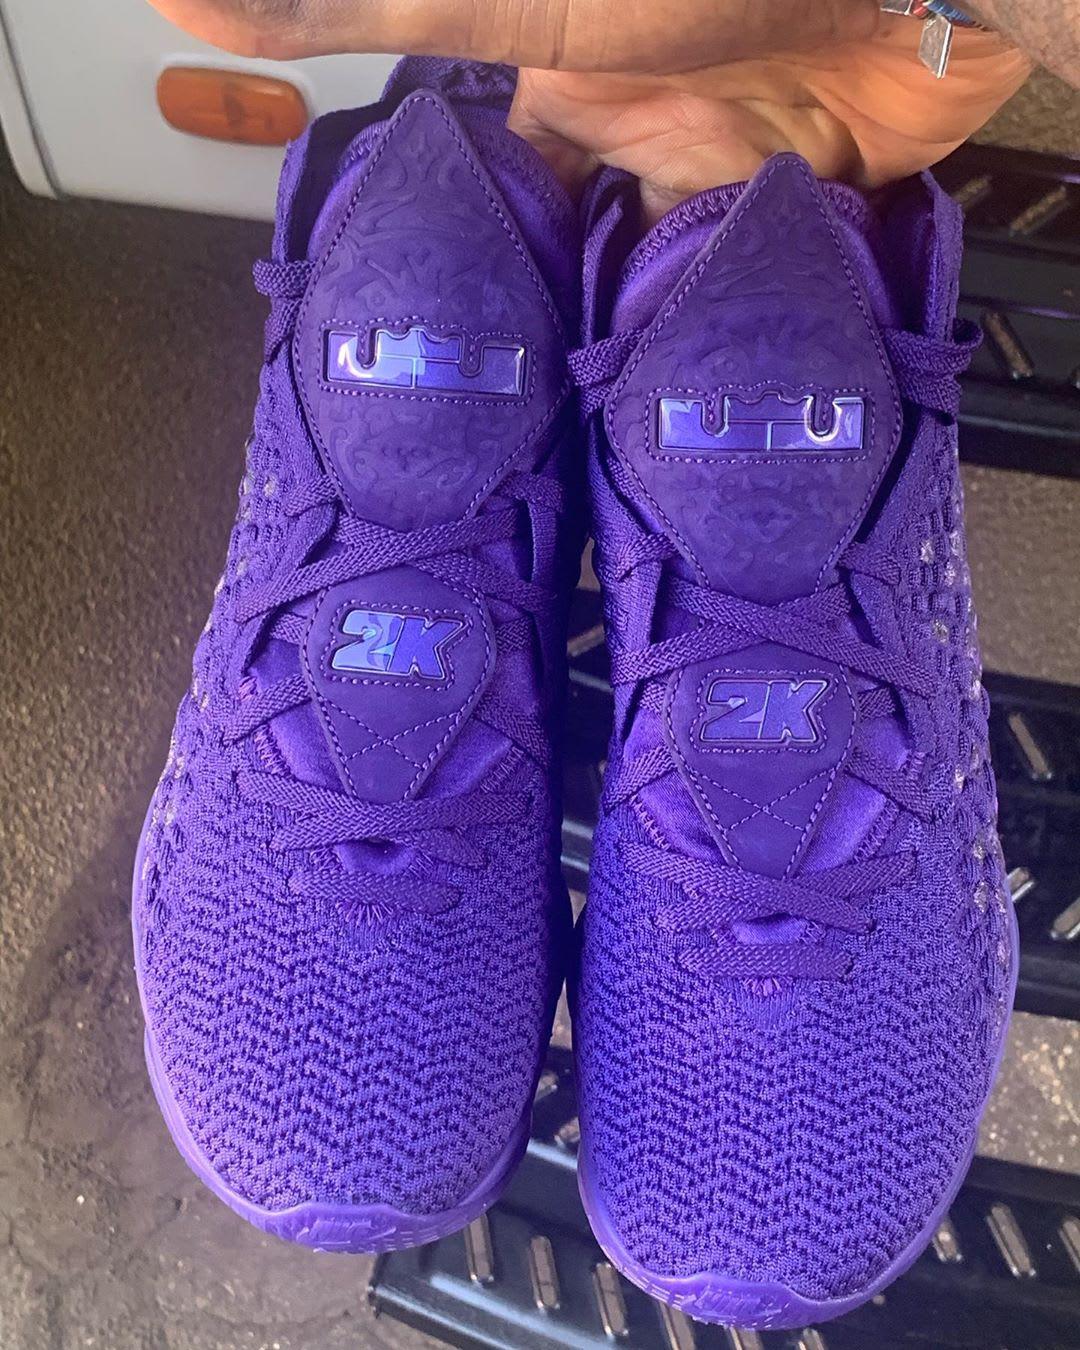 Nike LeBron 17 2K Purple Release Date Logo